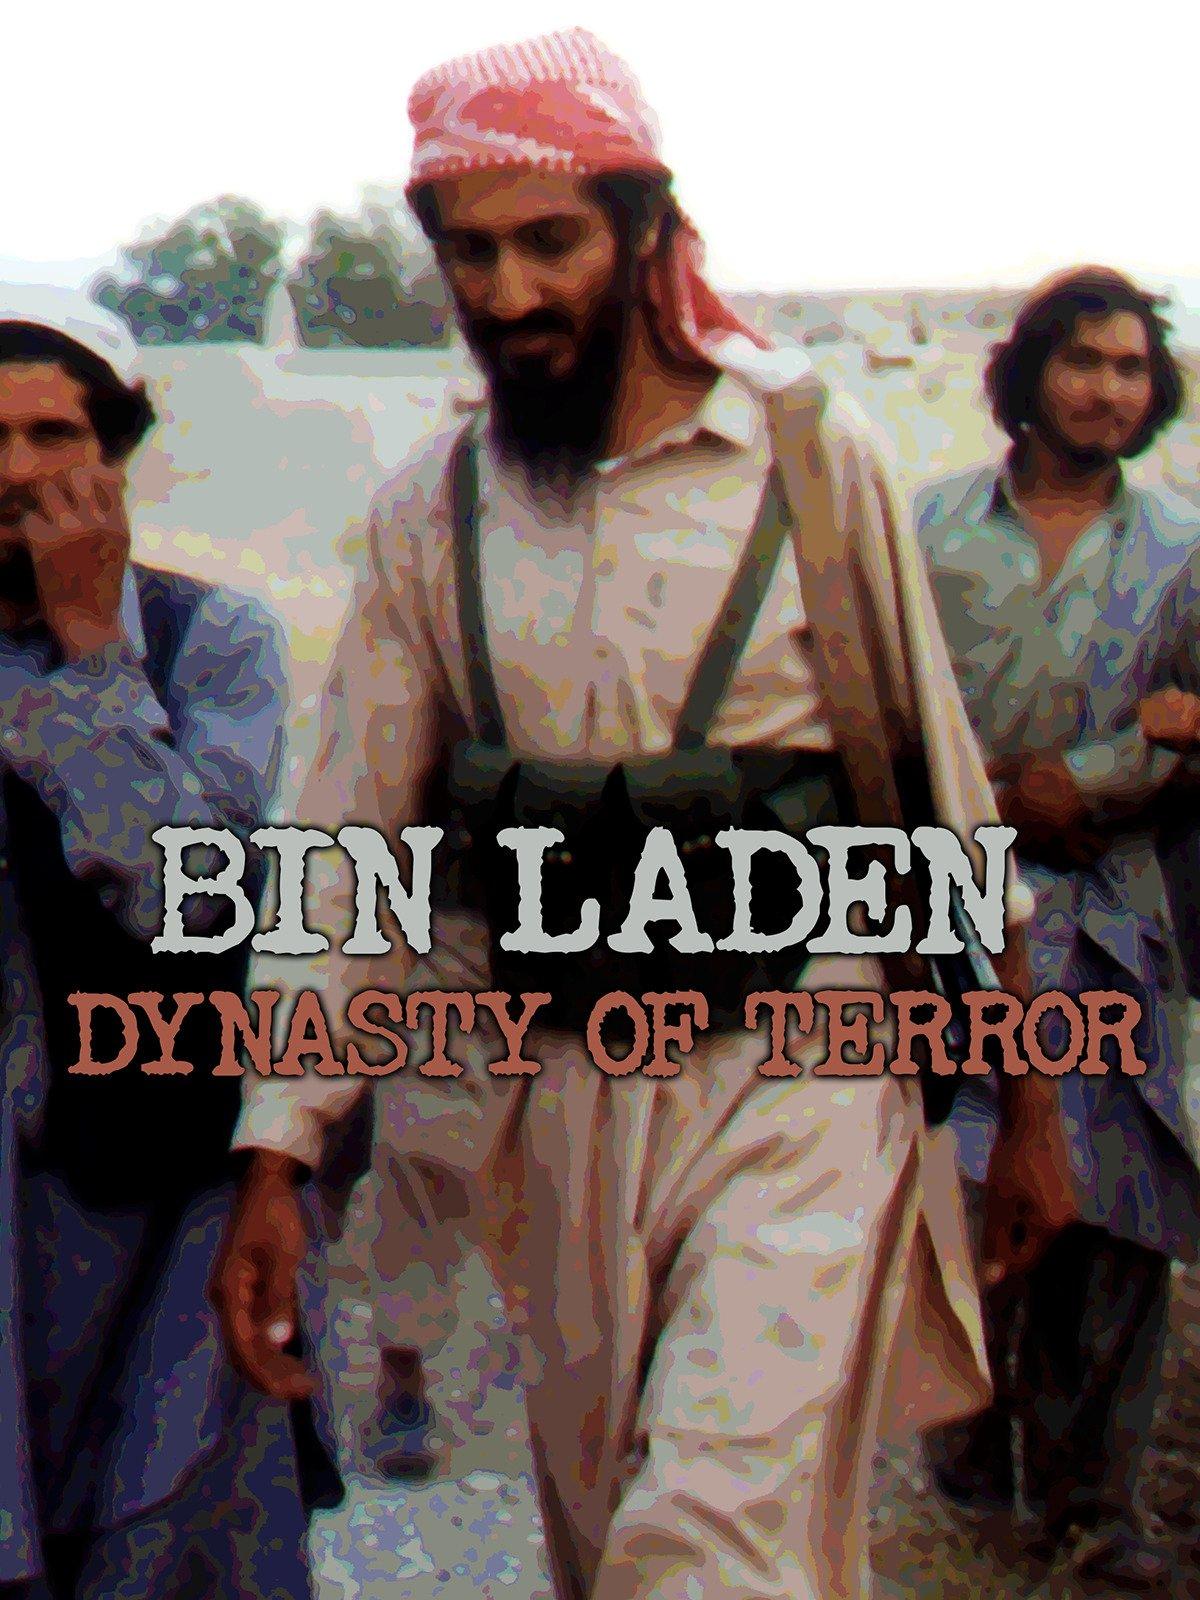 Bin Laden: Dynasty of Terror